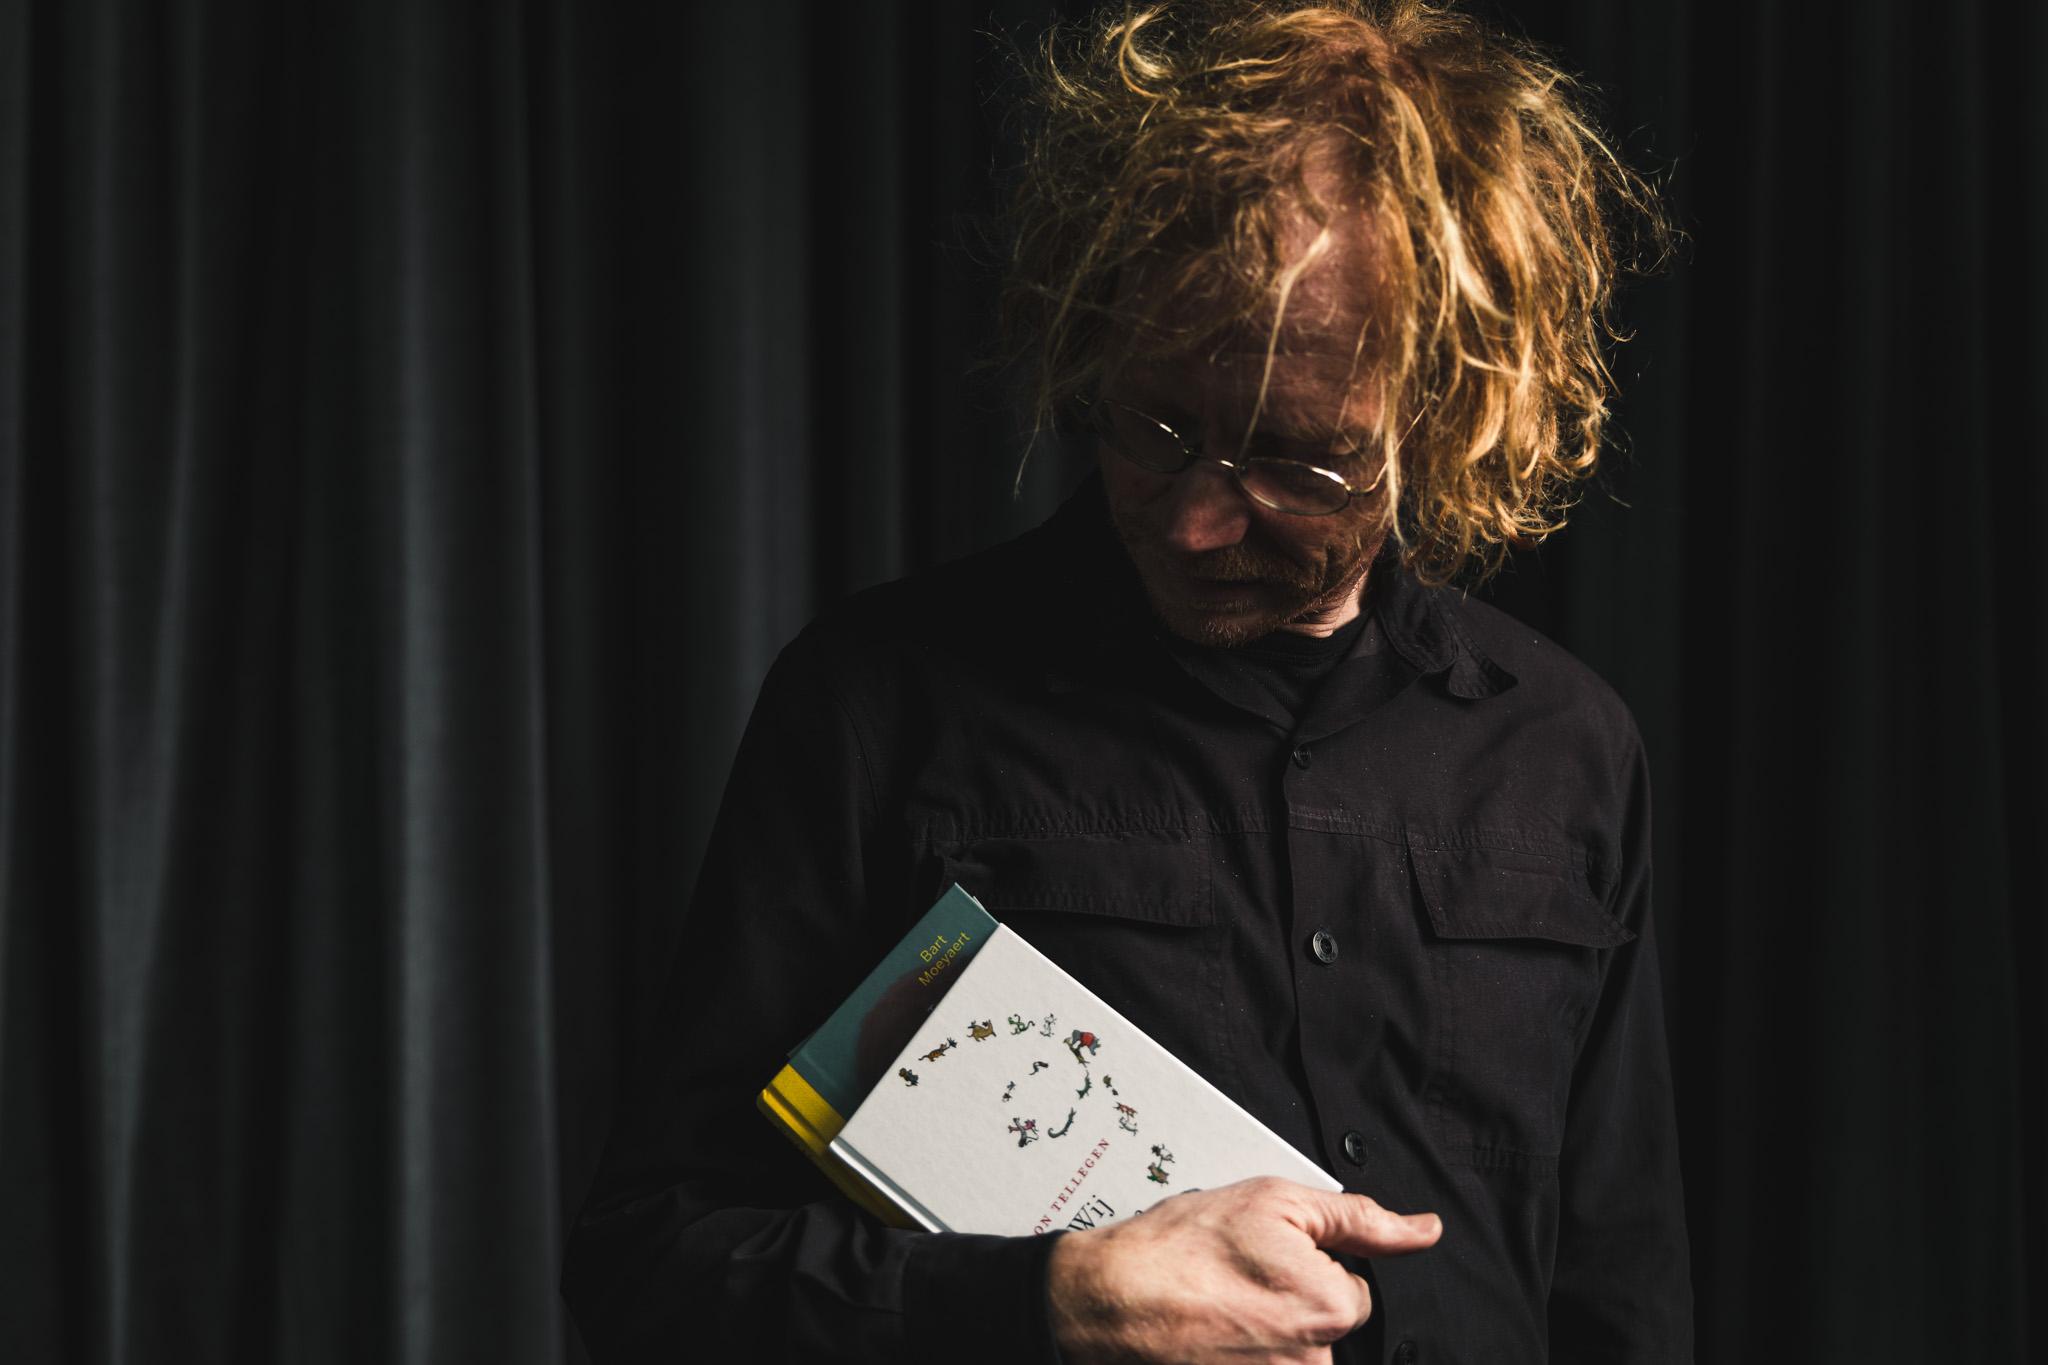 portret van Hendrik Vos, die twee boeken in zijn rechterarm vasthoudt. Hij kijkt naar de boeken. Op de achtergrond hangt een donkergrijs fluwelen gordijn.